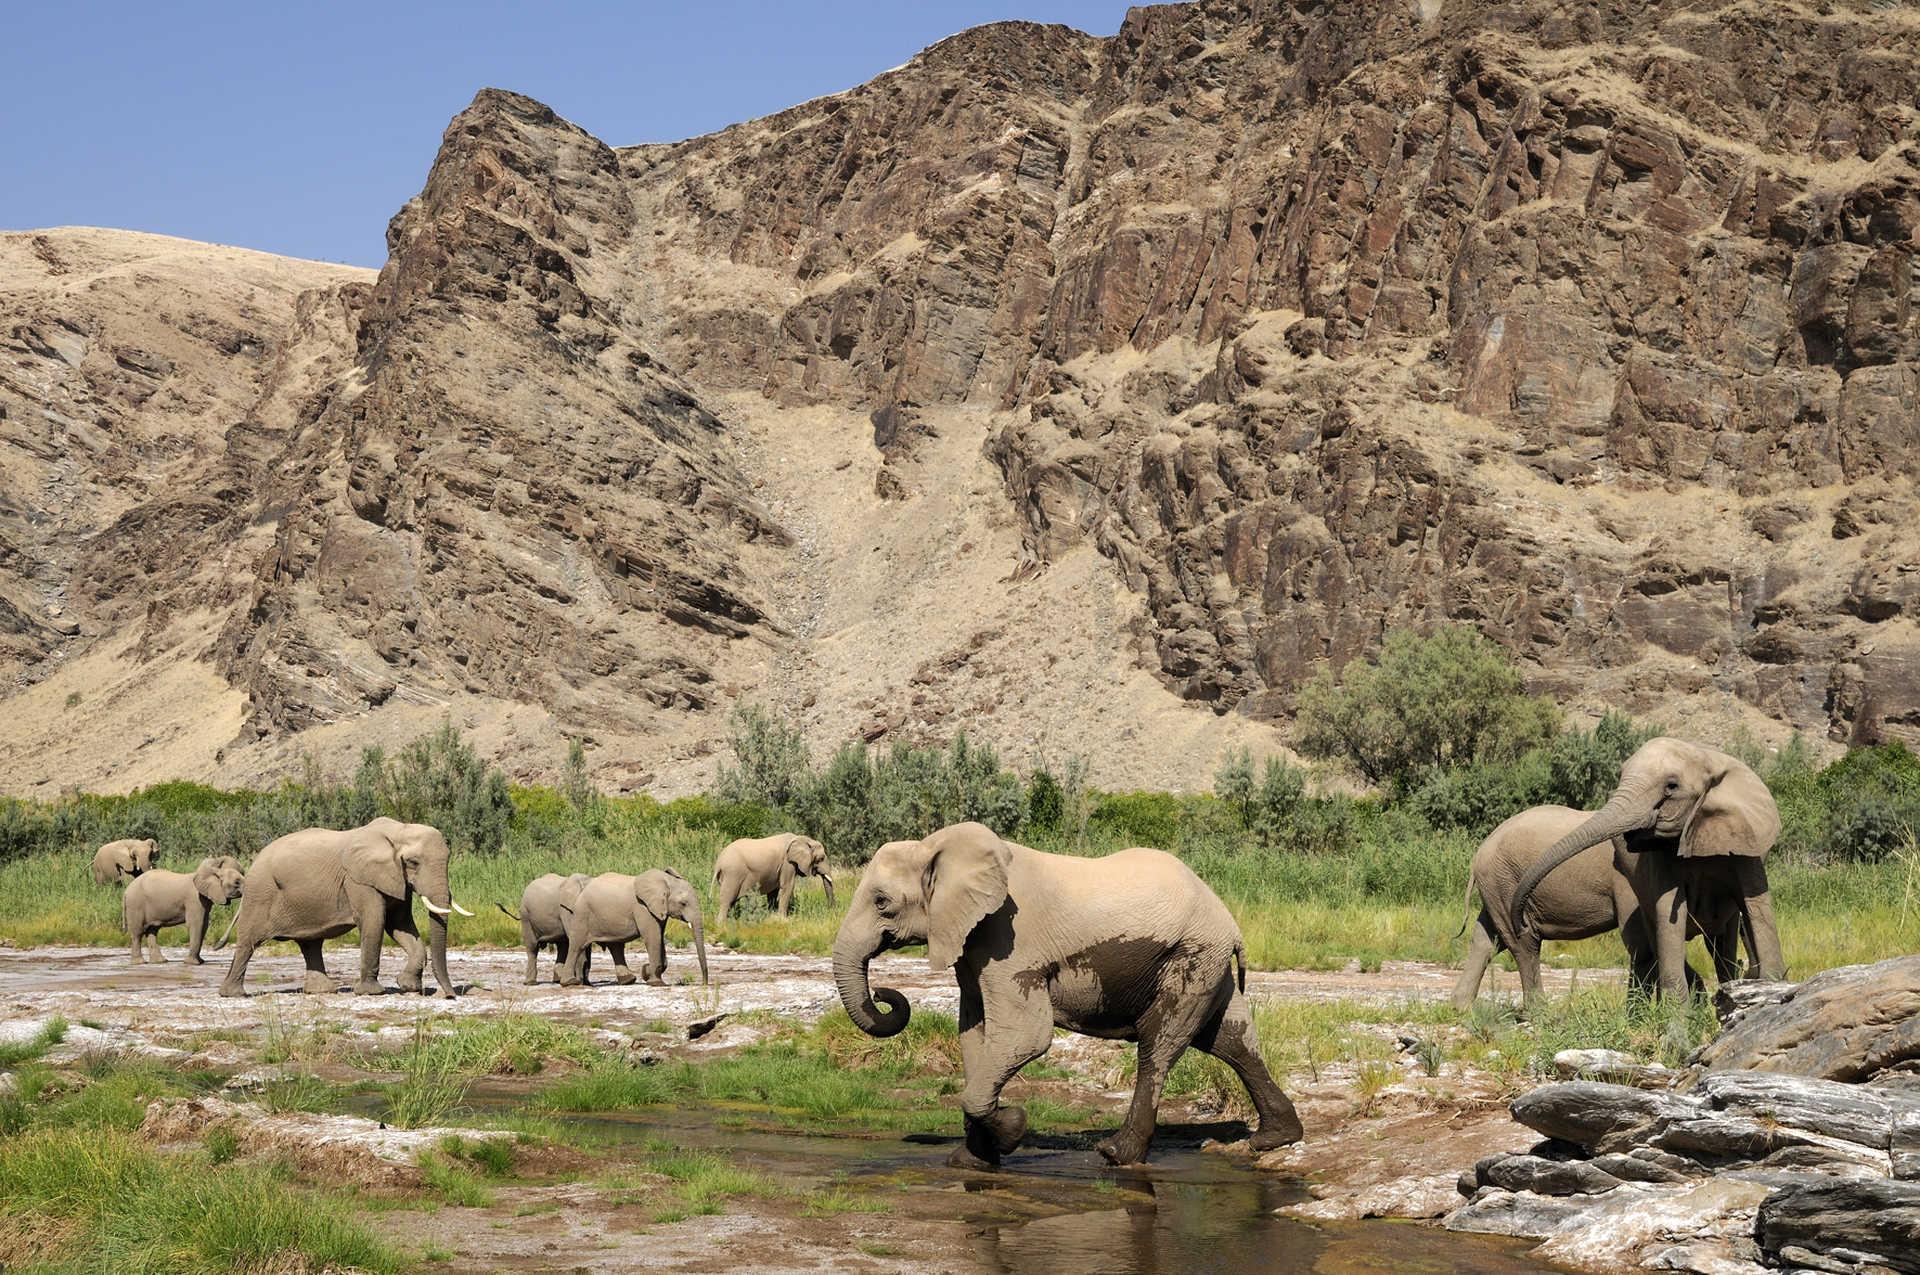 Les éléphants du désert traversant la rivière Hoanib dans la région du Kaokoland en Namibie